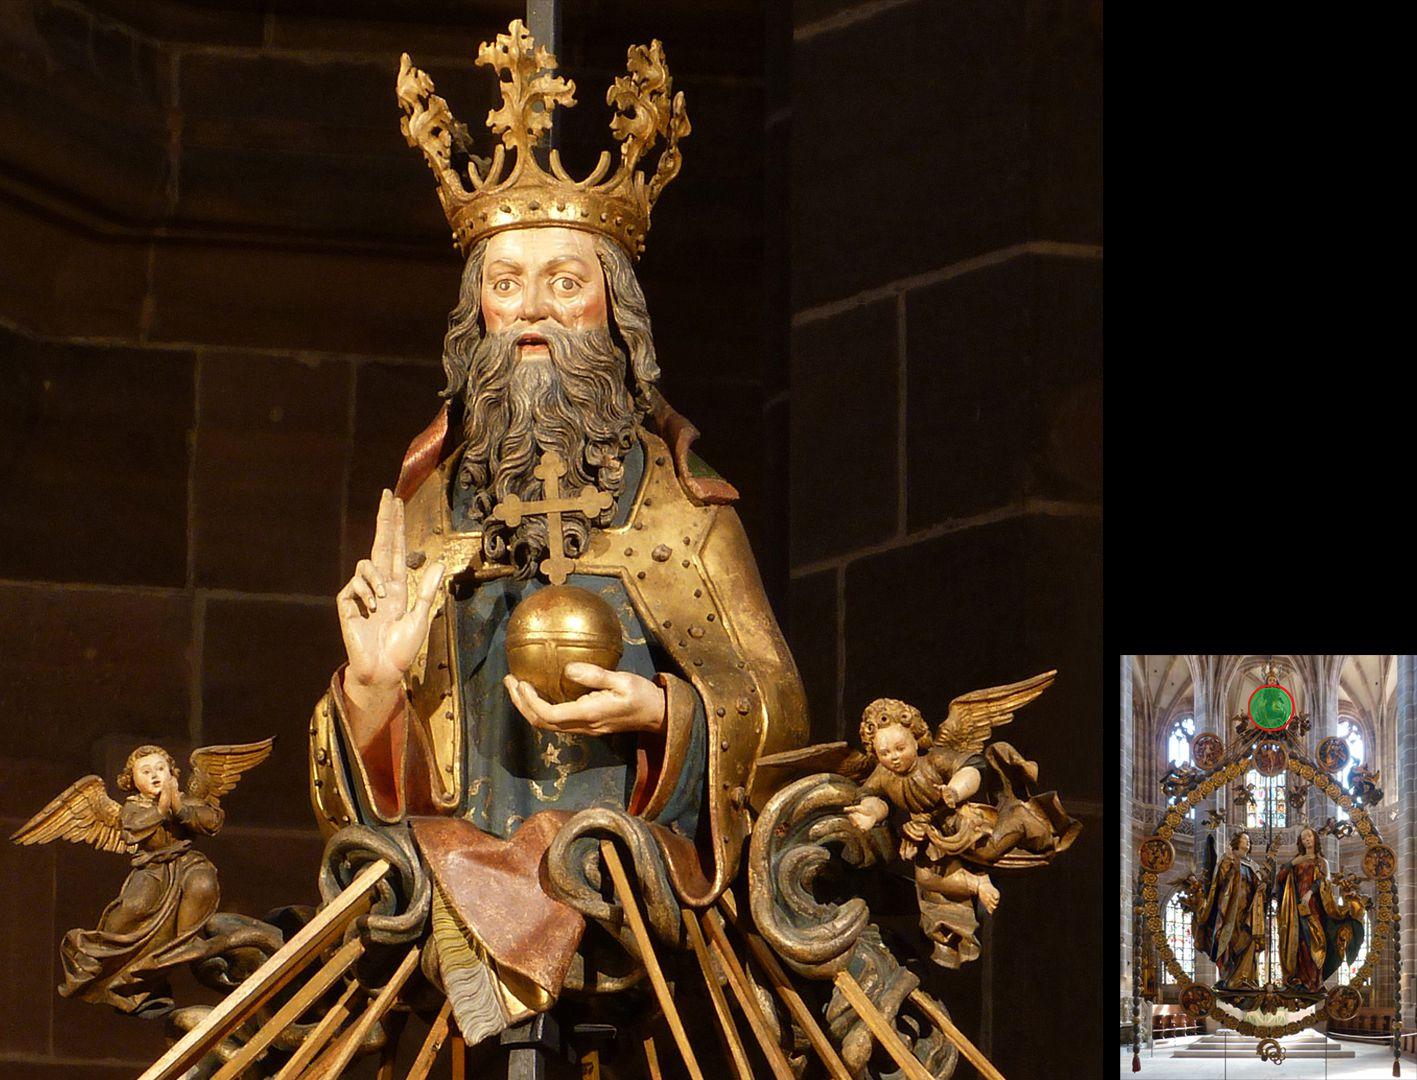 Englischer Gruß Gottvater mit flankierenden Engelchen (unten rechts Detaillokalisierung)